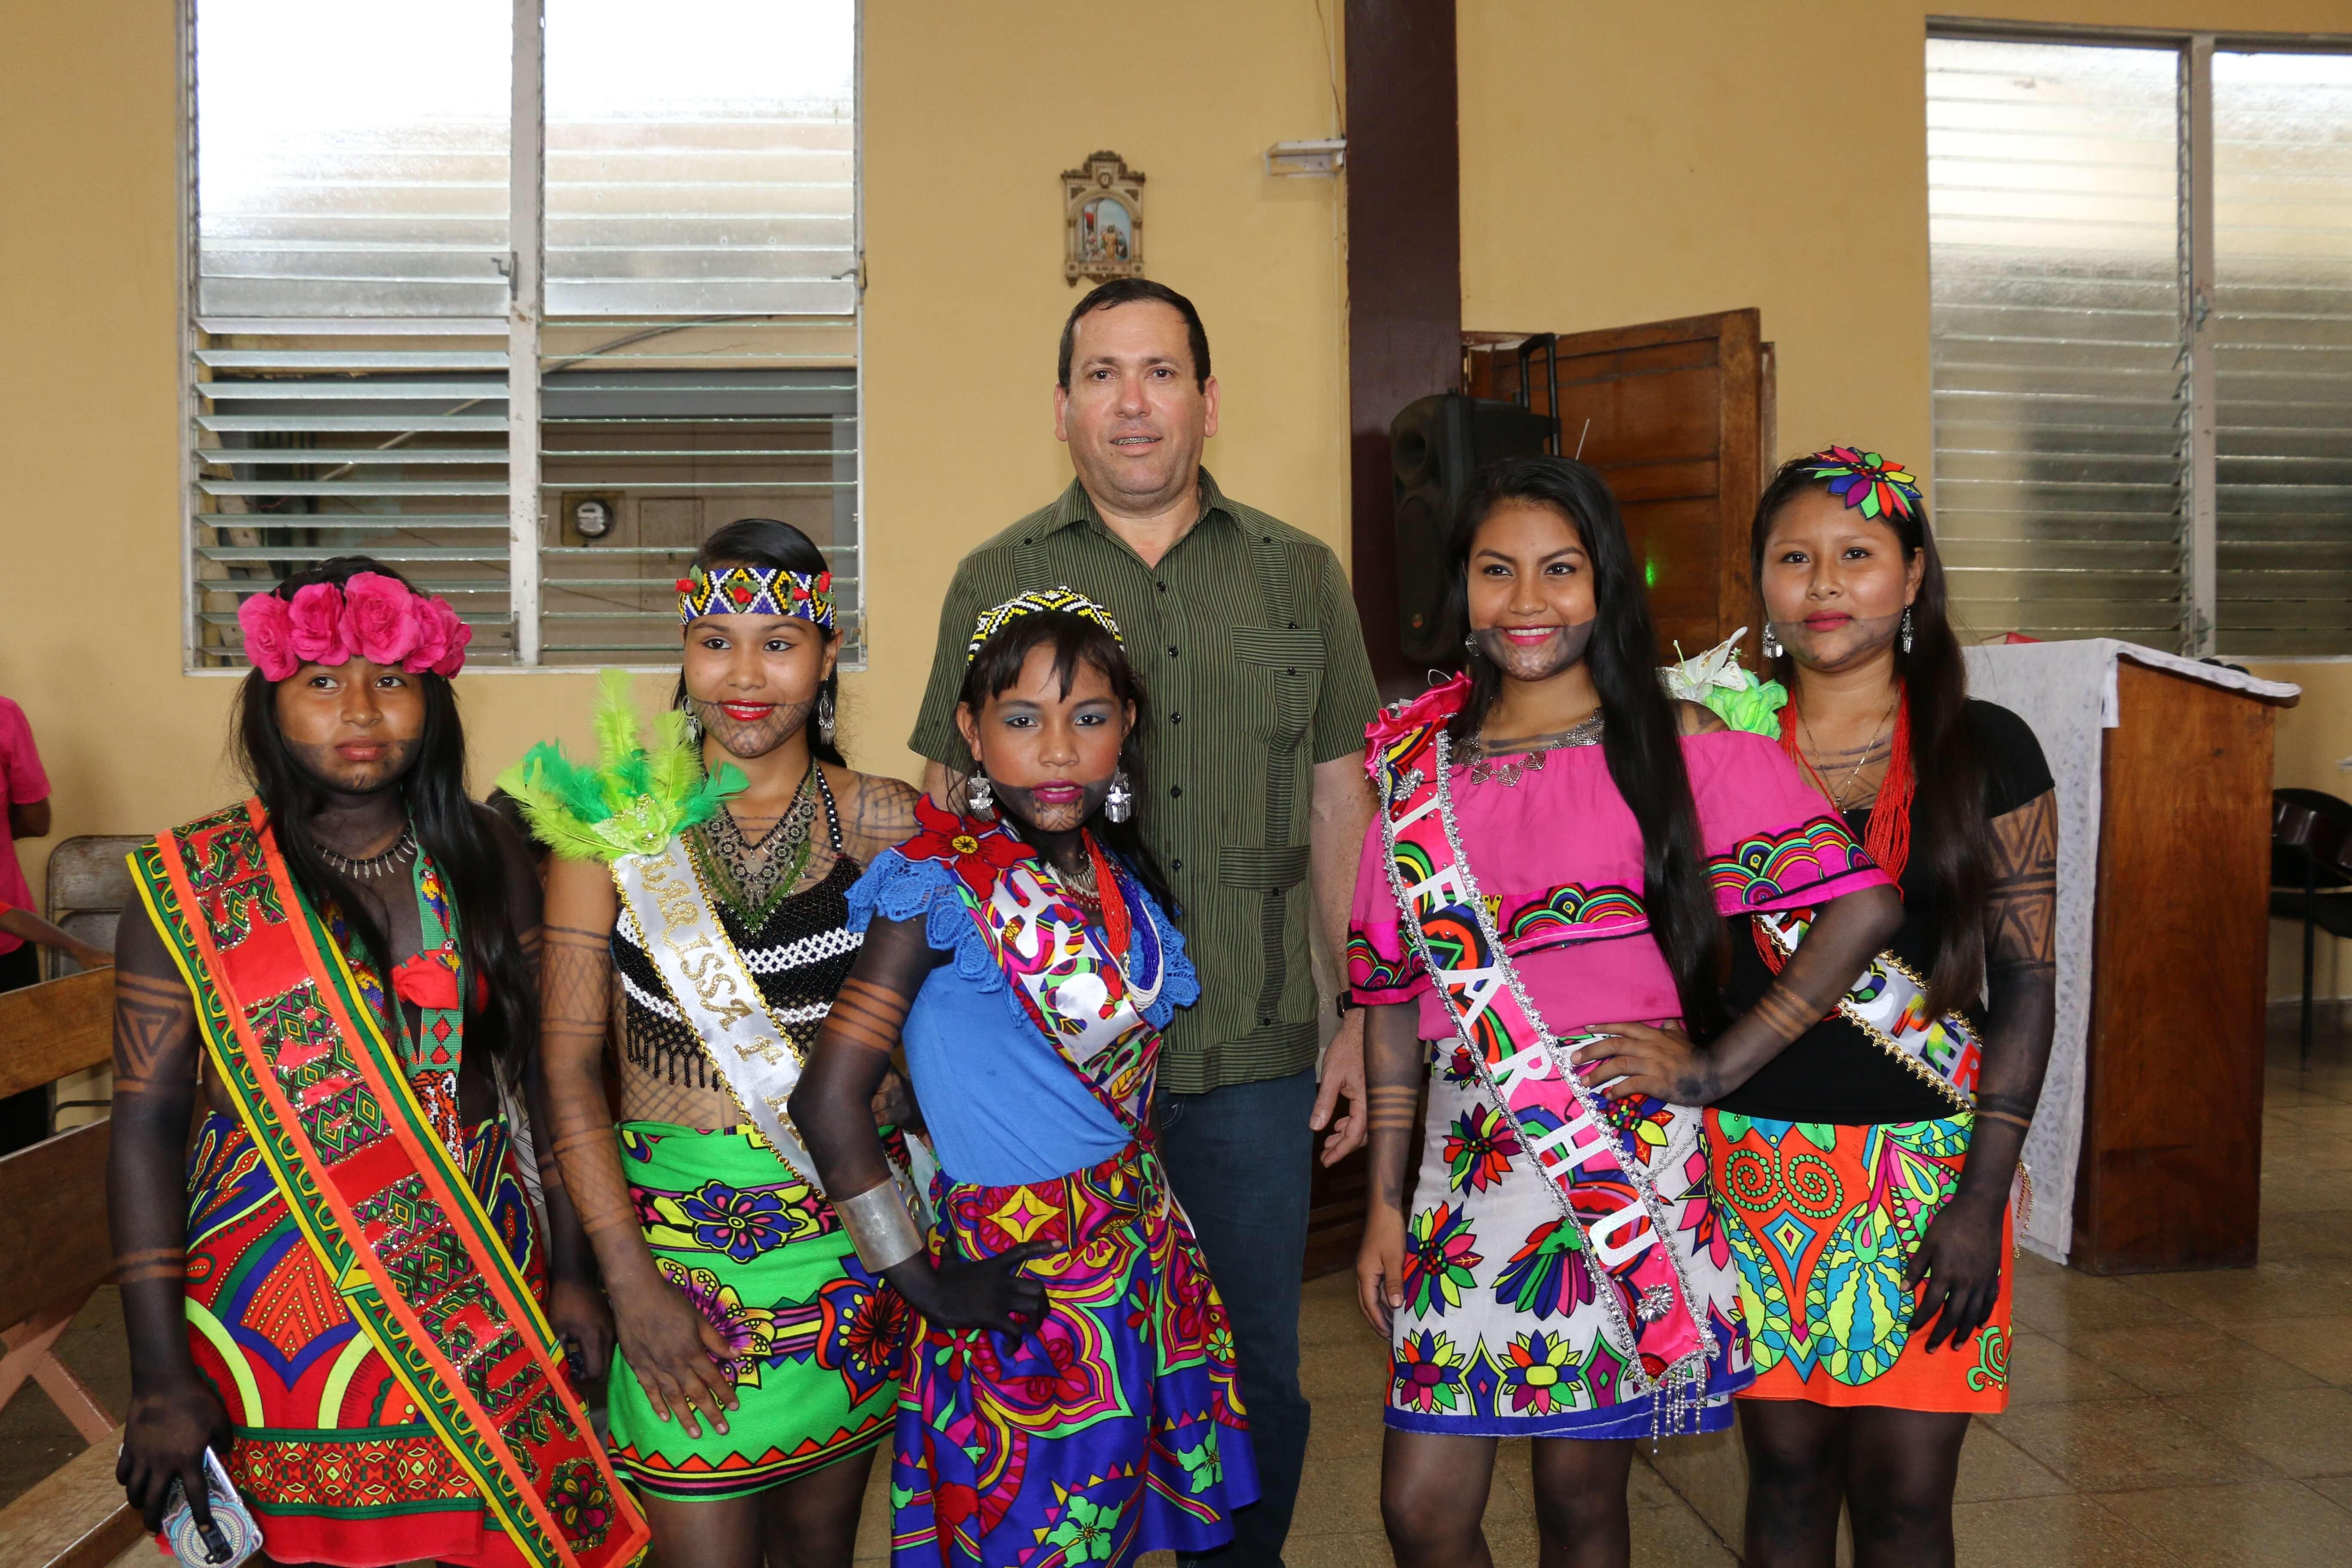 Centro Estudiantil del IFARHU en La Palma celebró sus 35 años